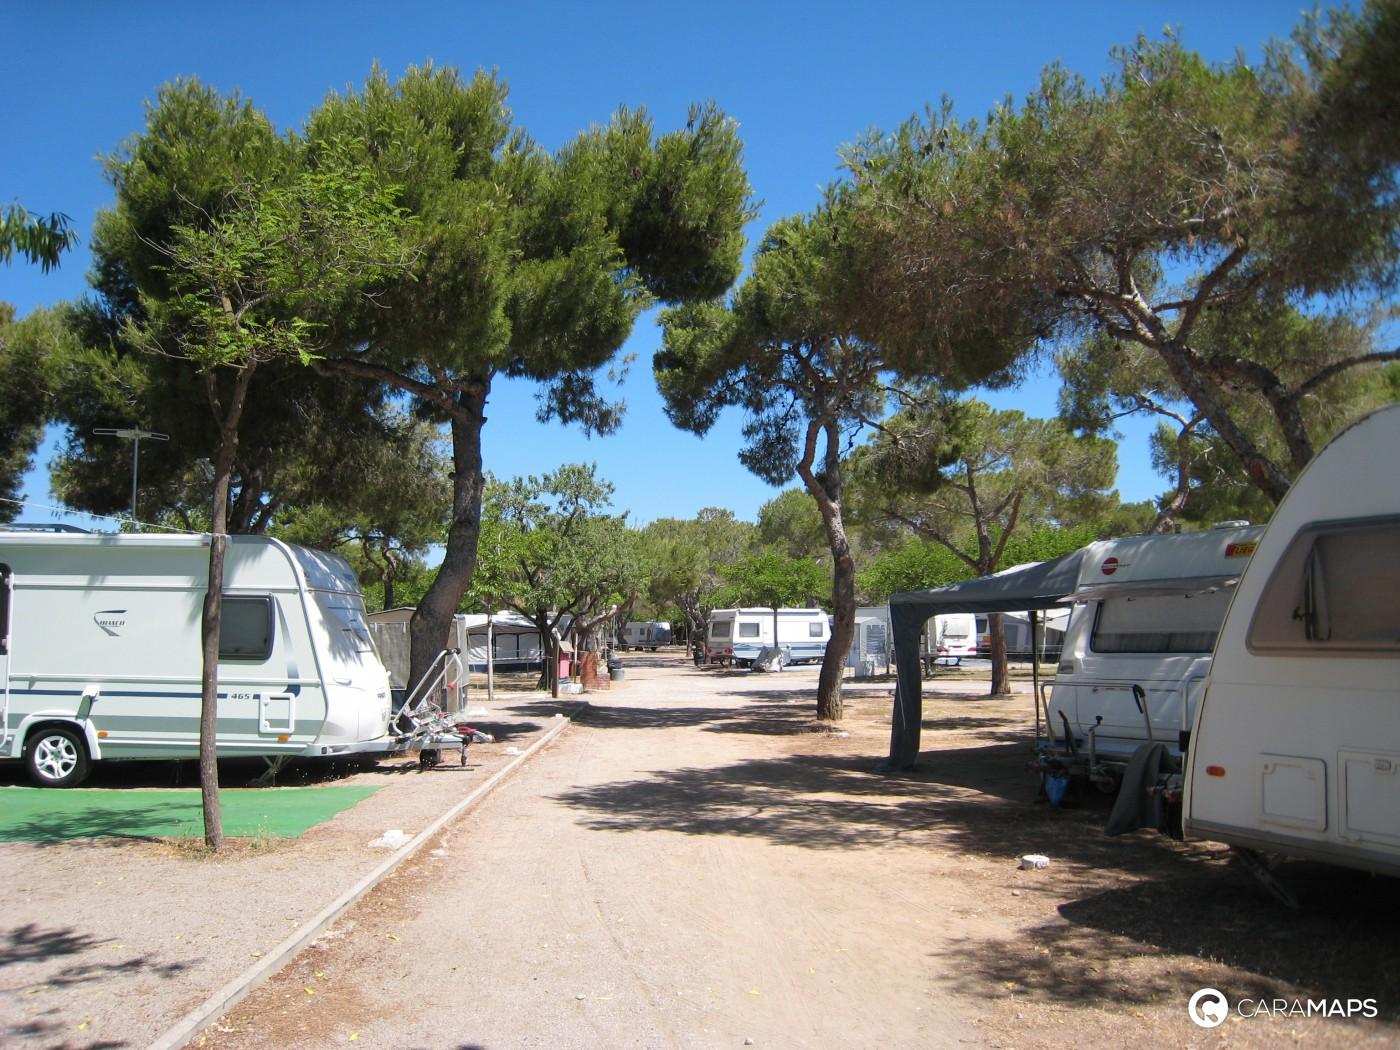 D couvrez camping de sitges une tape caramaps - Office de tourisme sitges ...